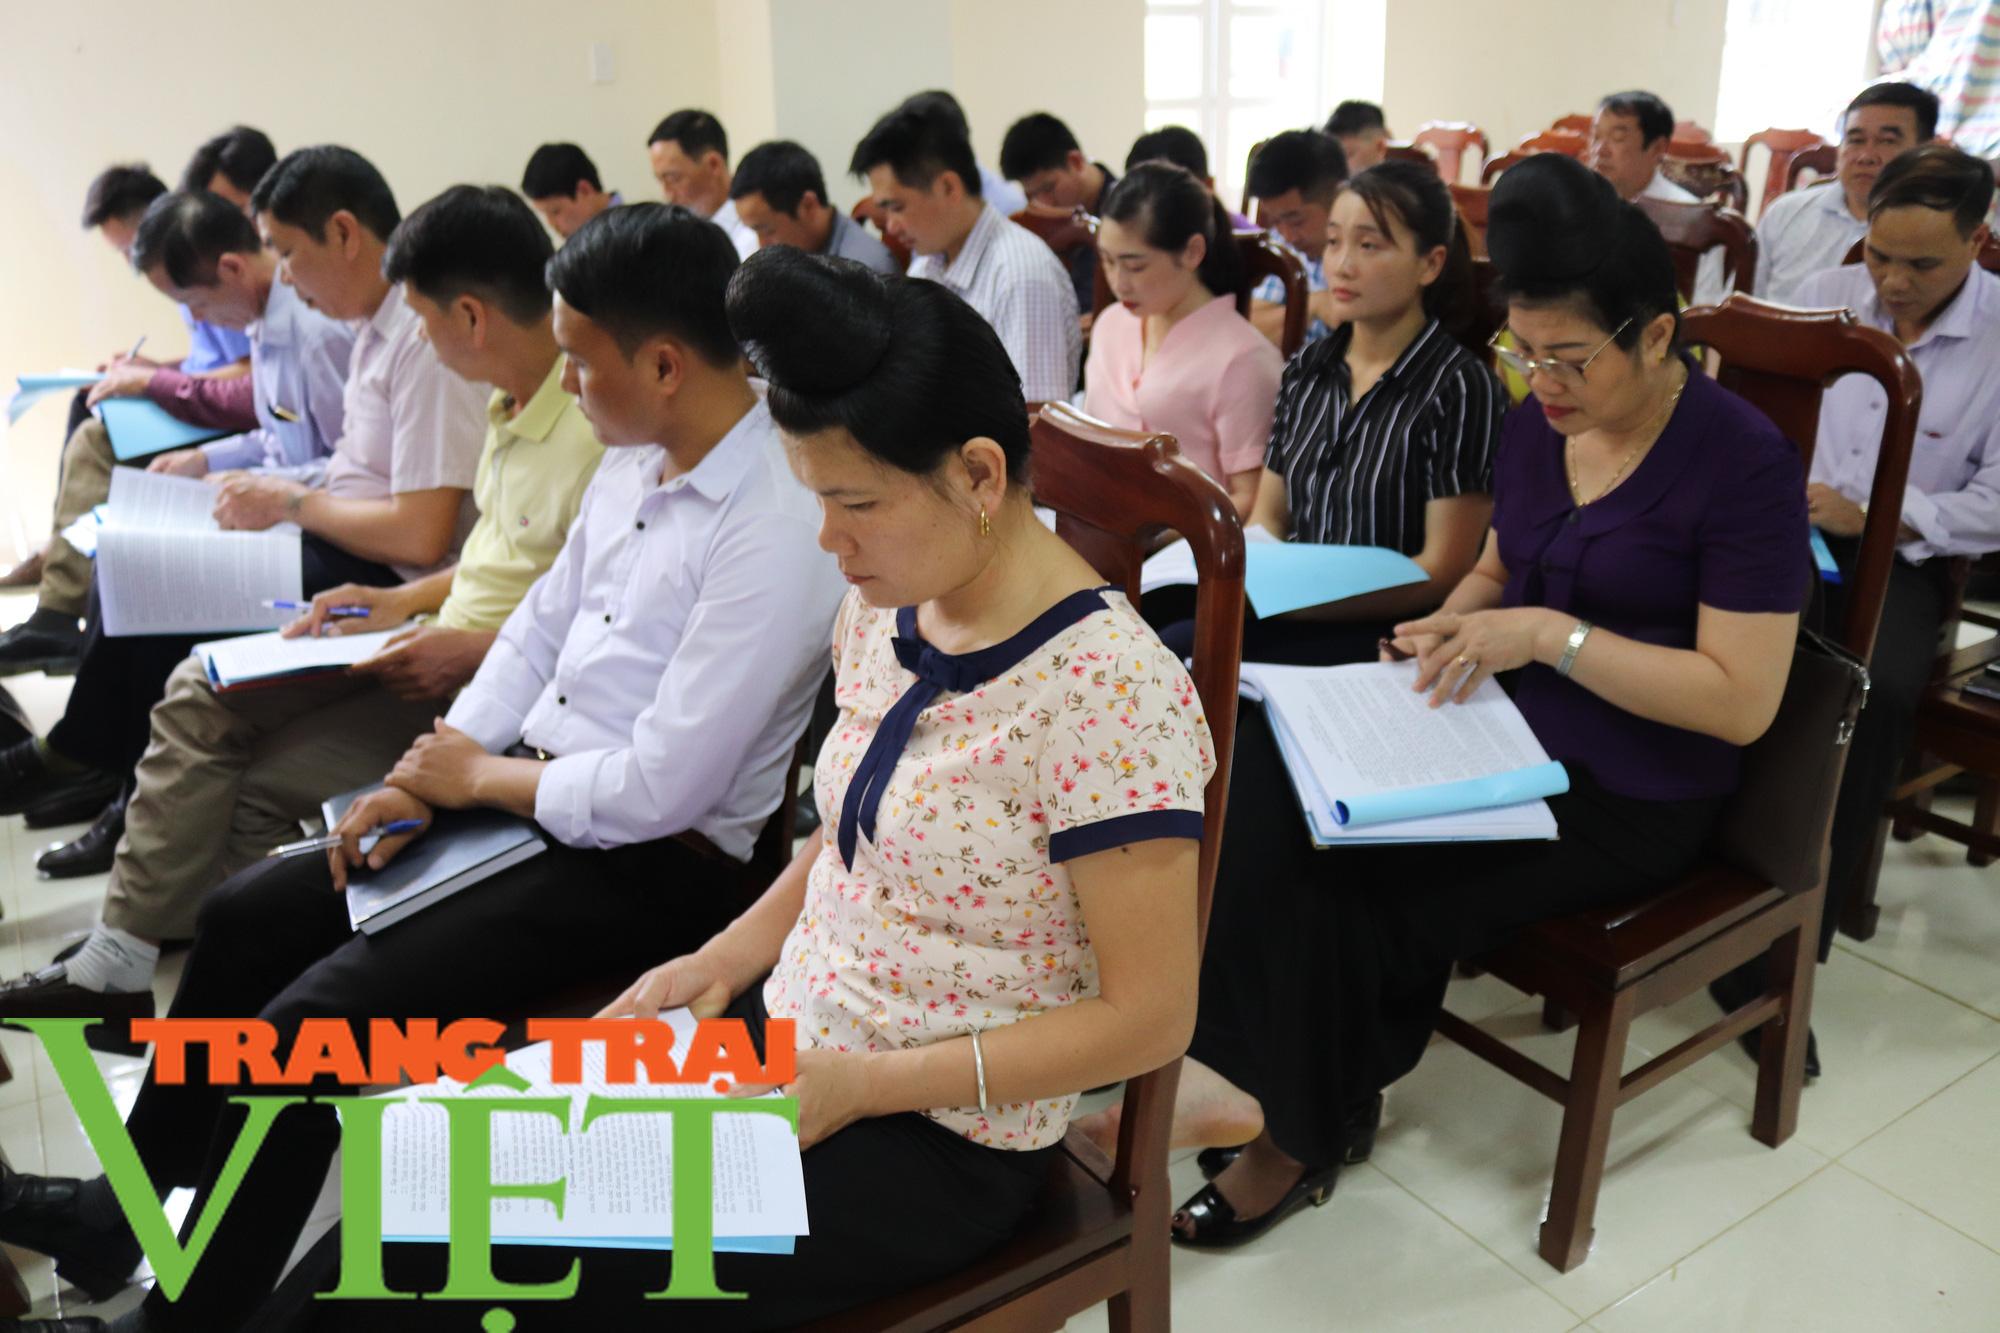 Hội Nông dân nâng cao trách nhiệm trong lãnh đạo công tác Hội  - Ảnh 2.